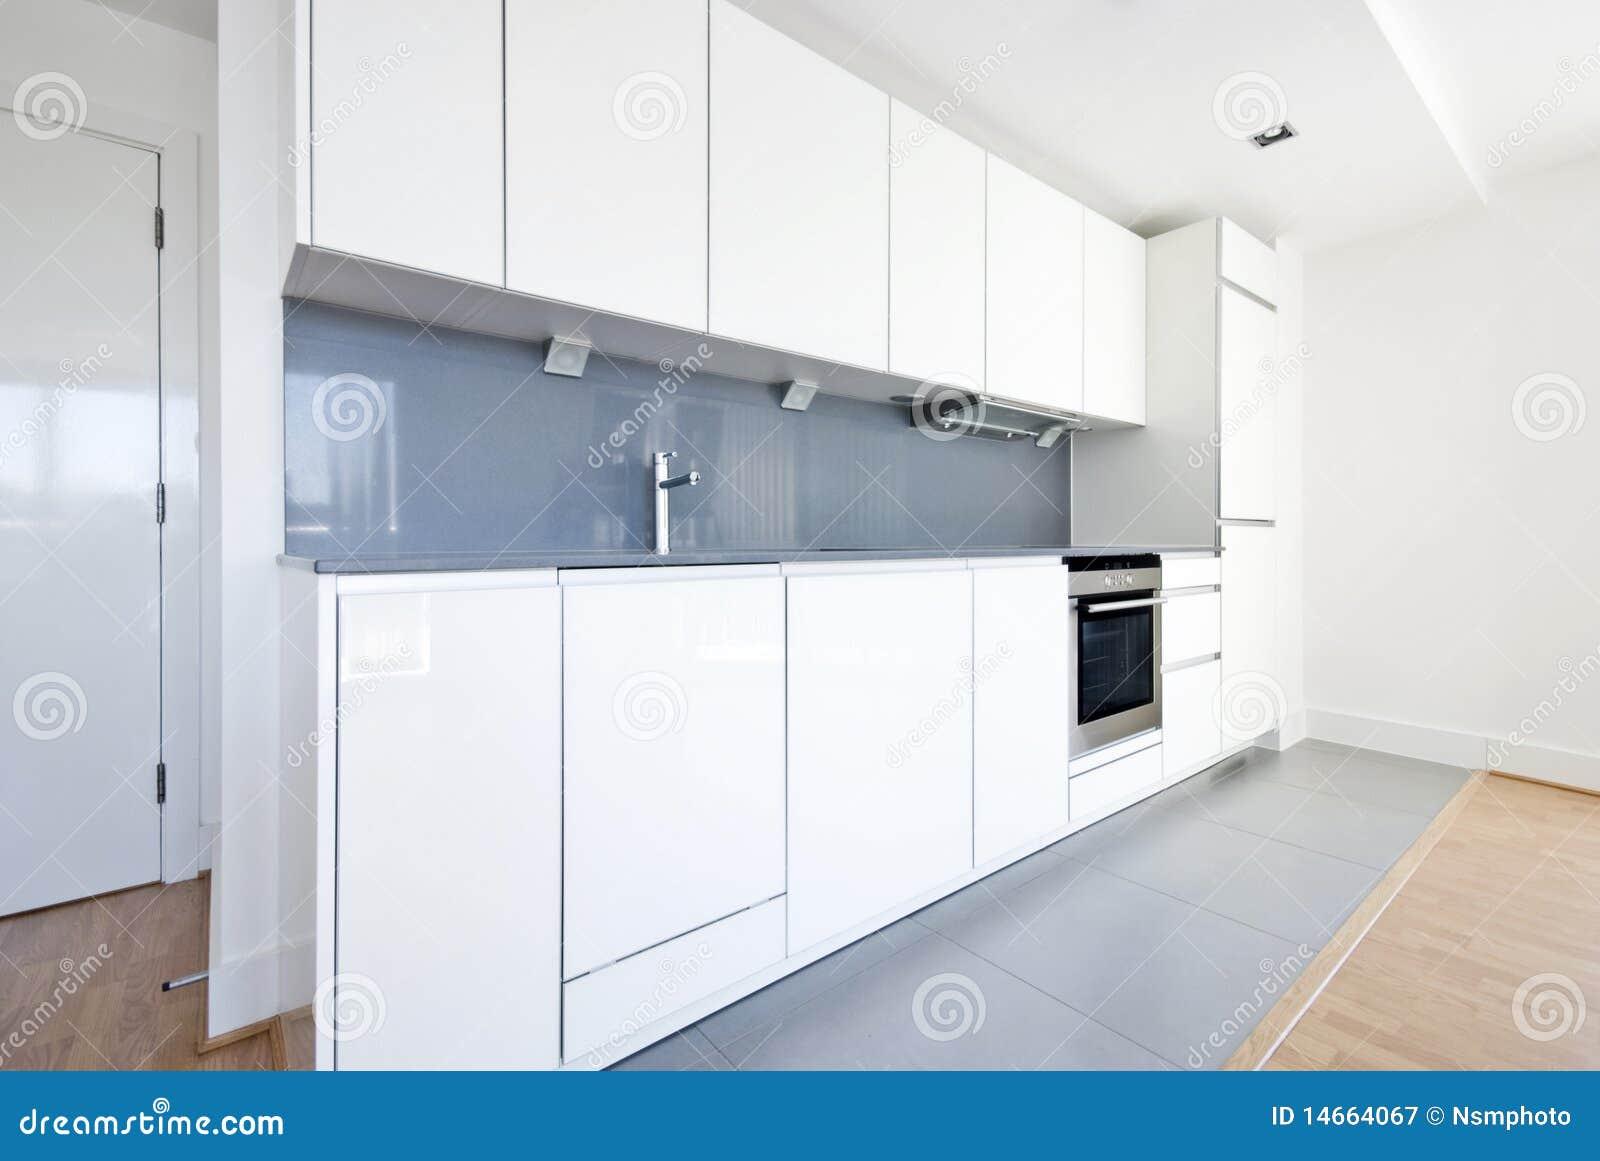 Cocina Completamente Ajustada Moderna En Blanco Y Gris Imagen De  ~ Cocinas Modernas Blancas Y Grises